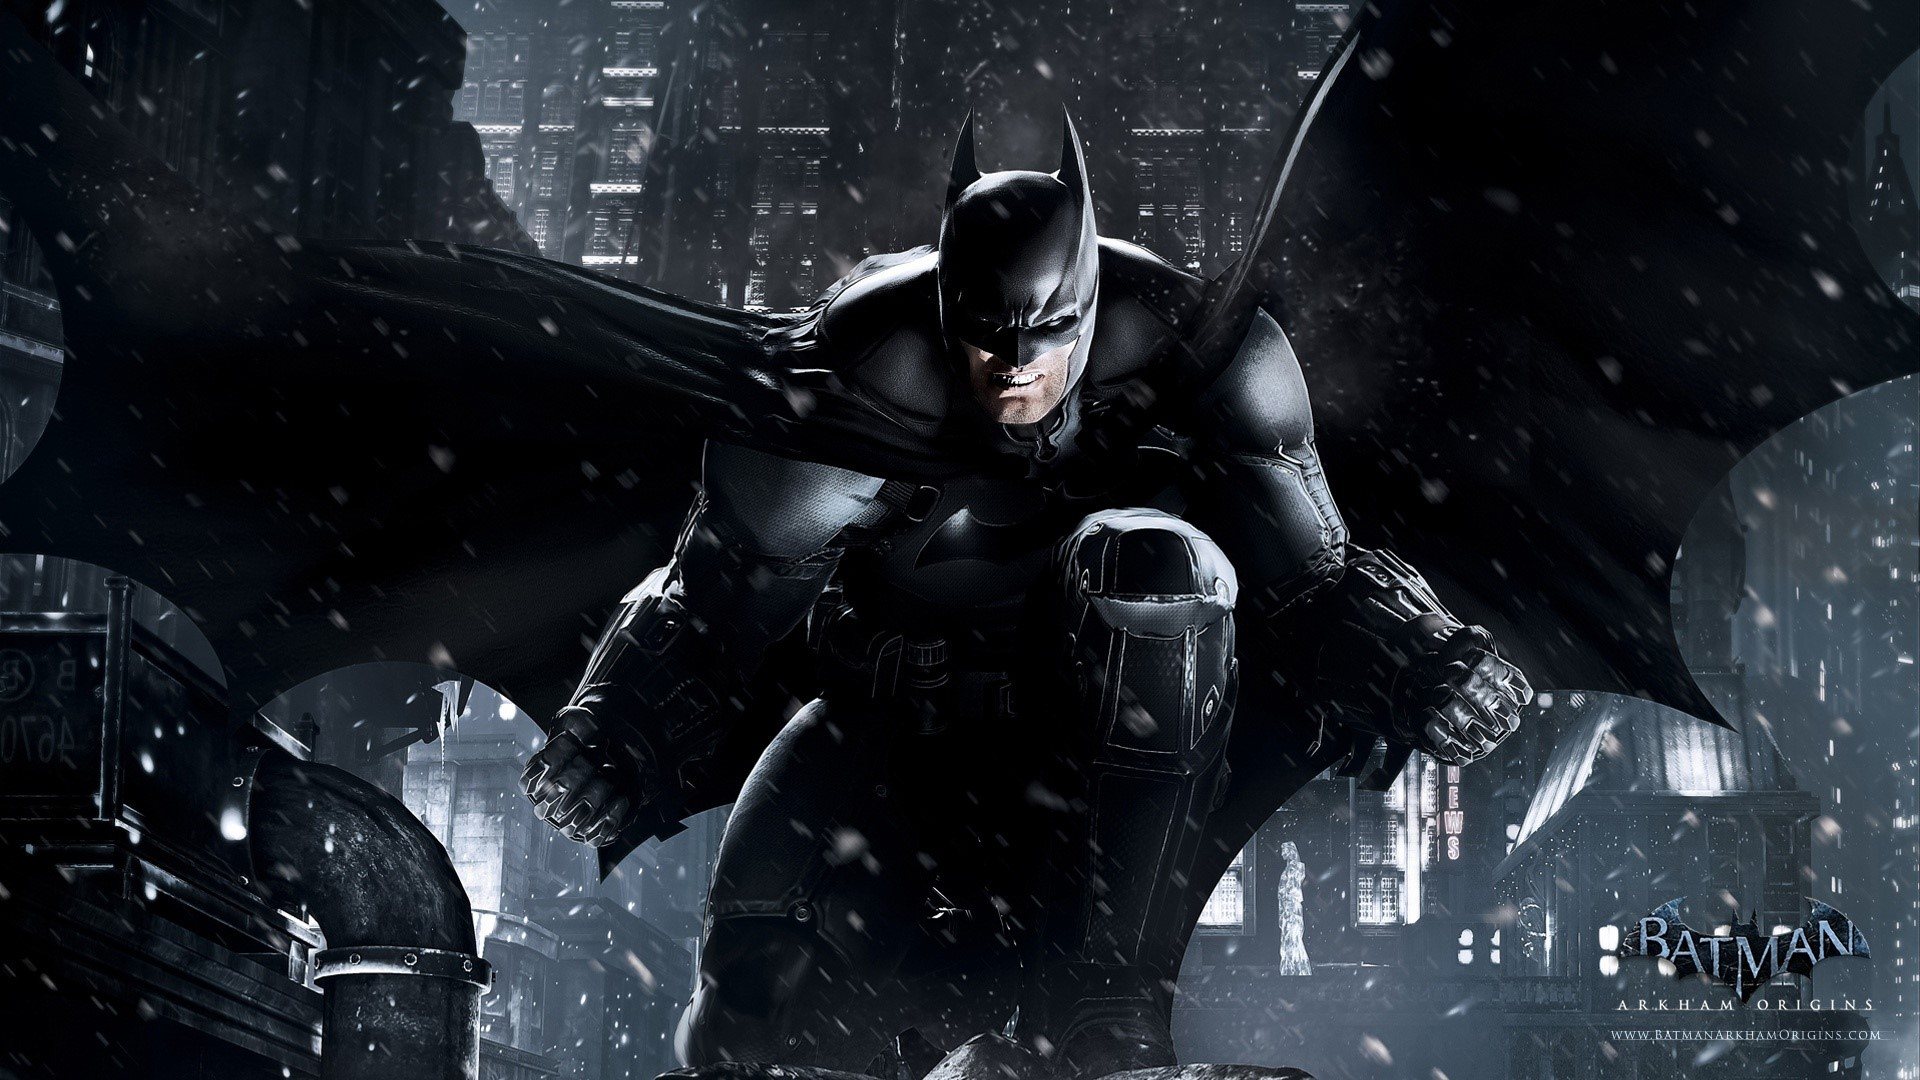 Fondos de pantalla Batman Arkham Origins